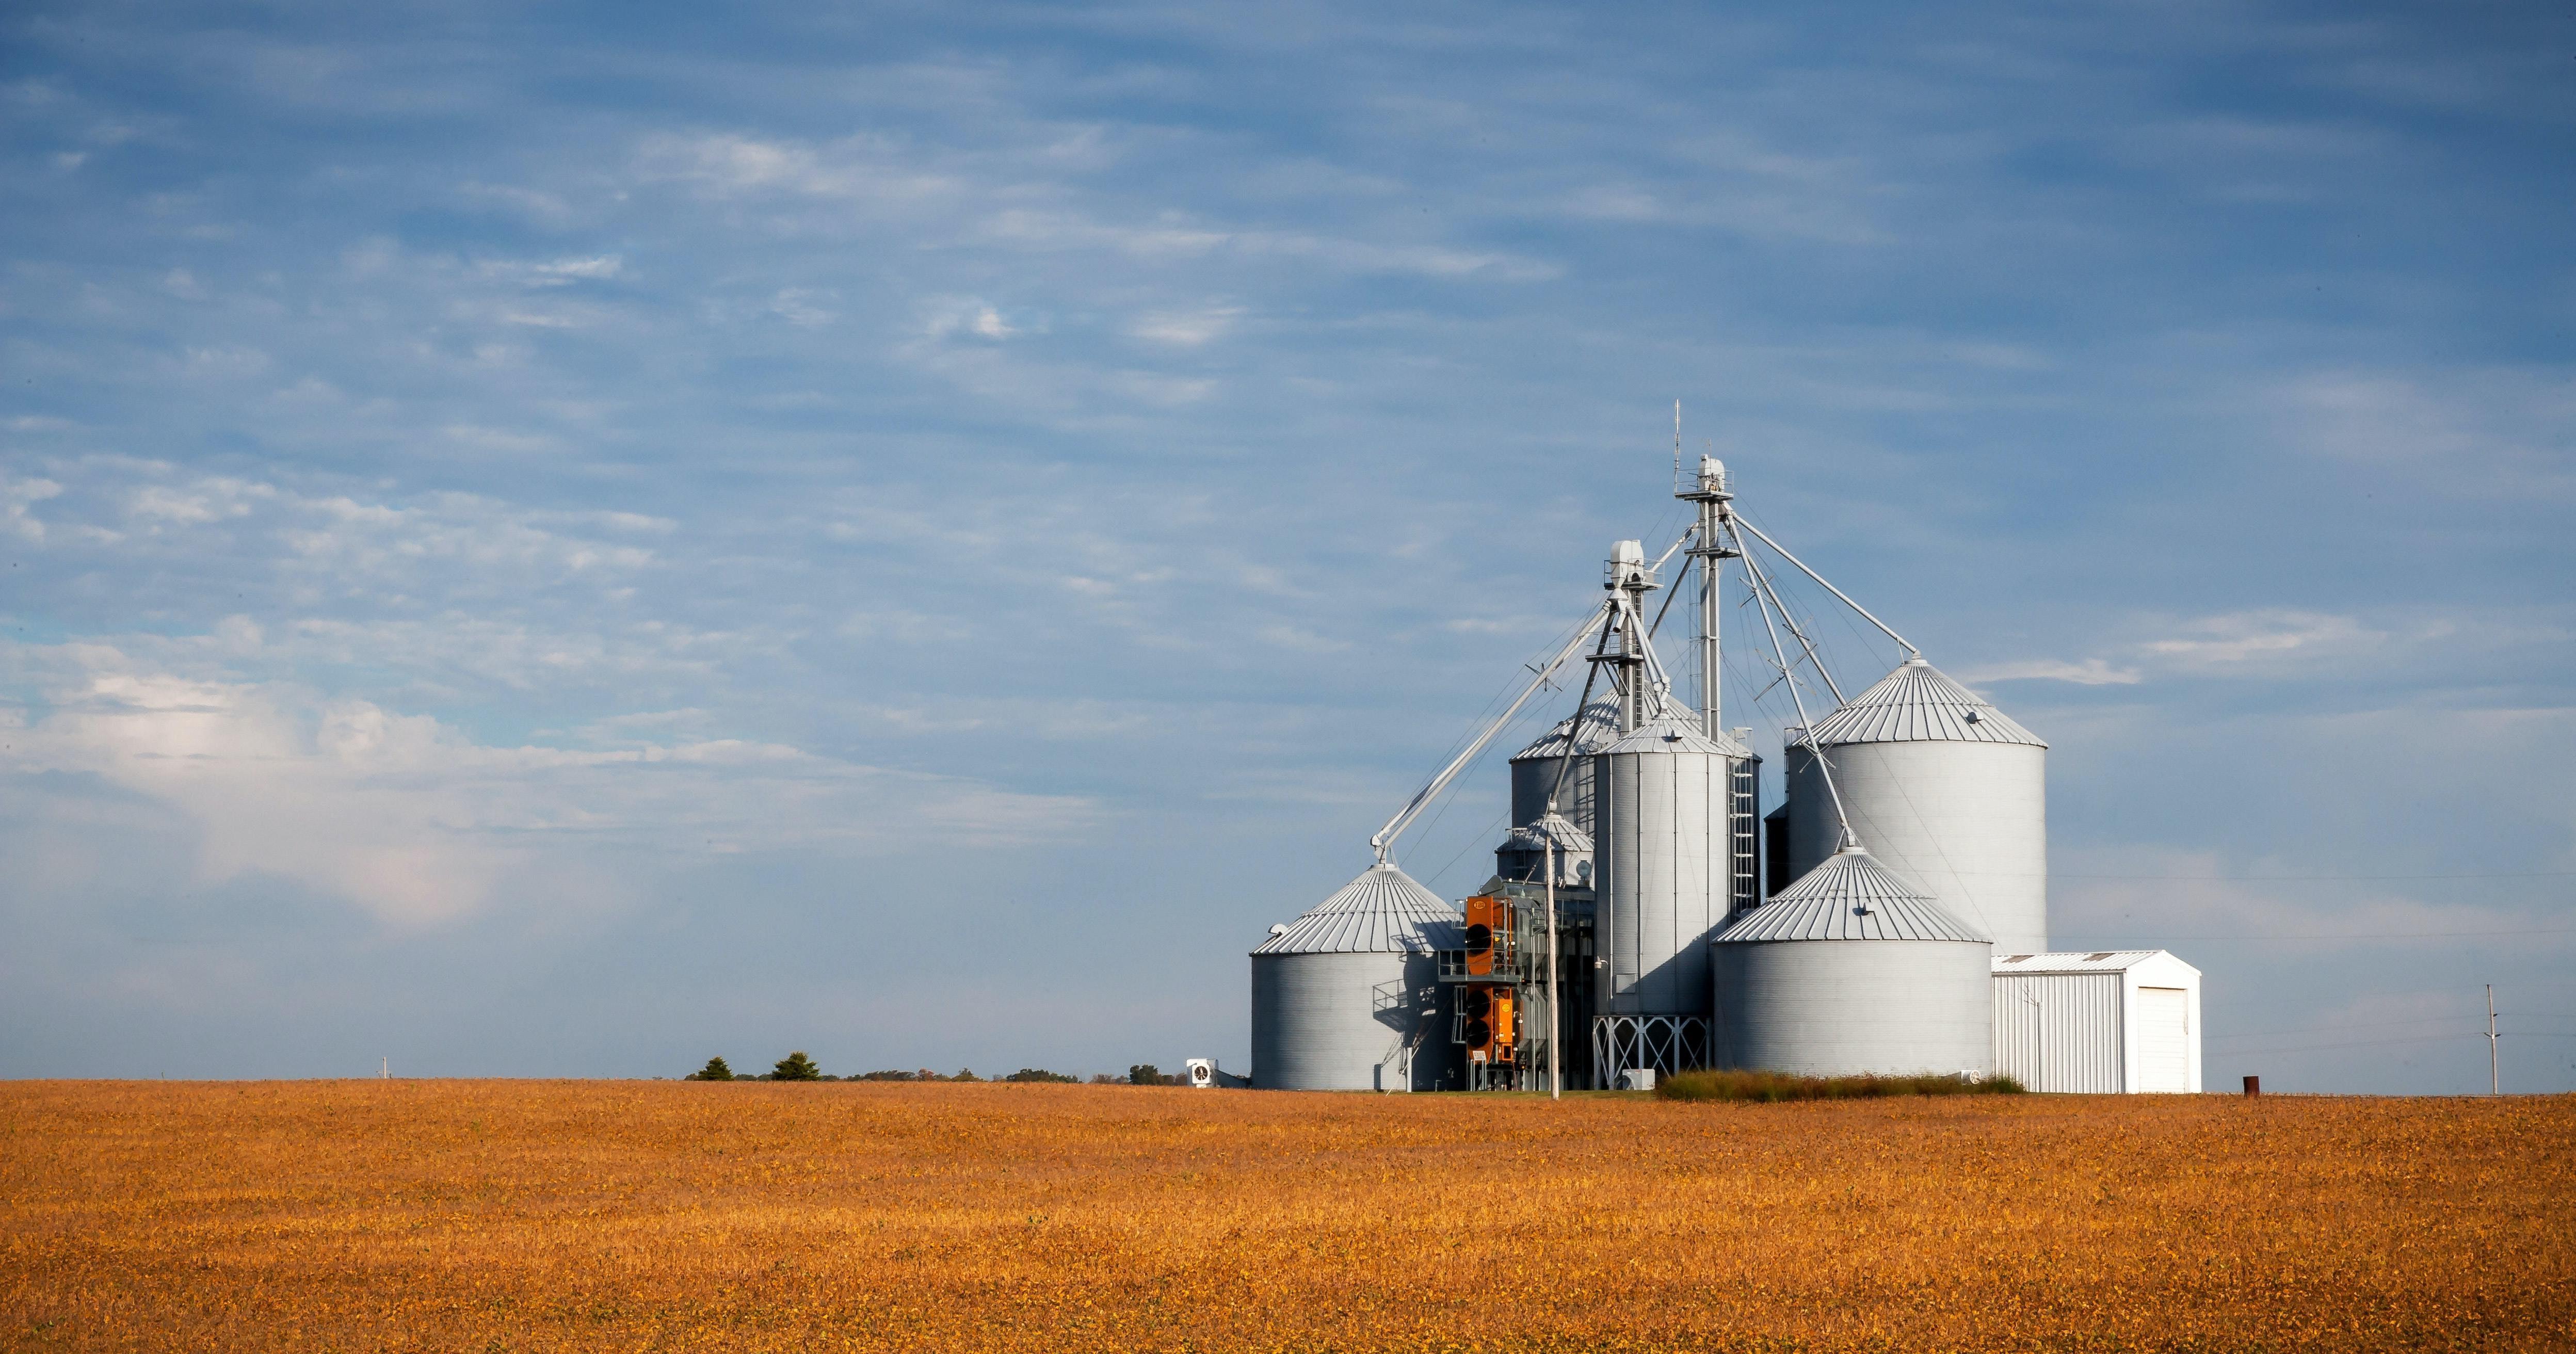 Tanks farm